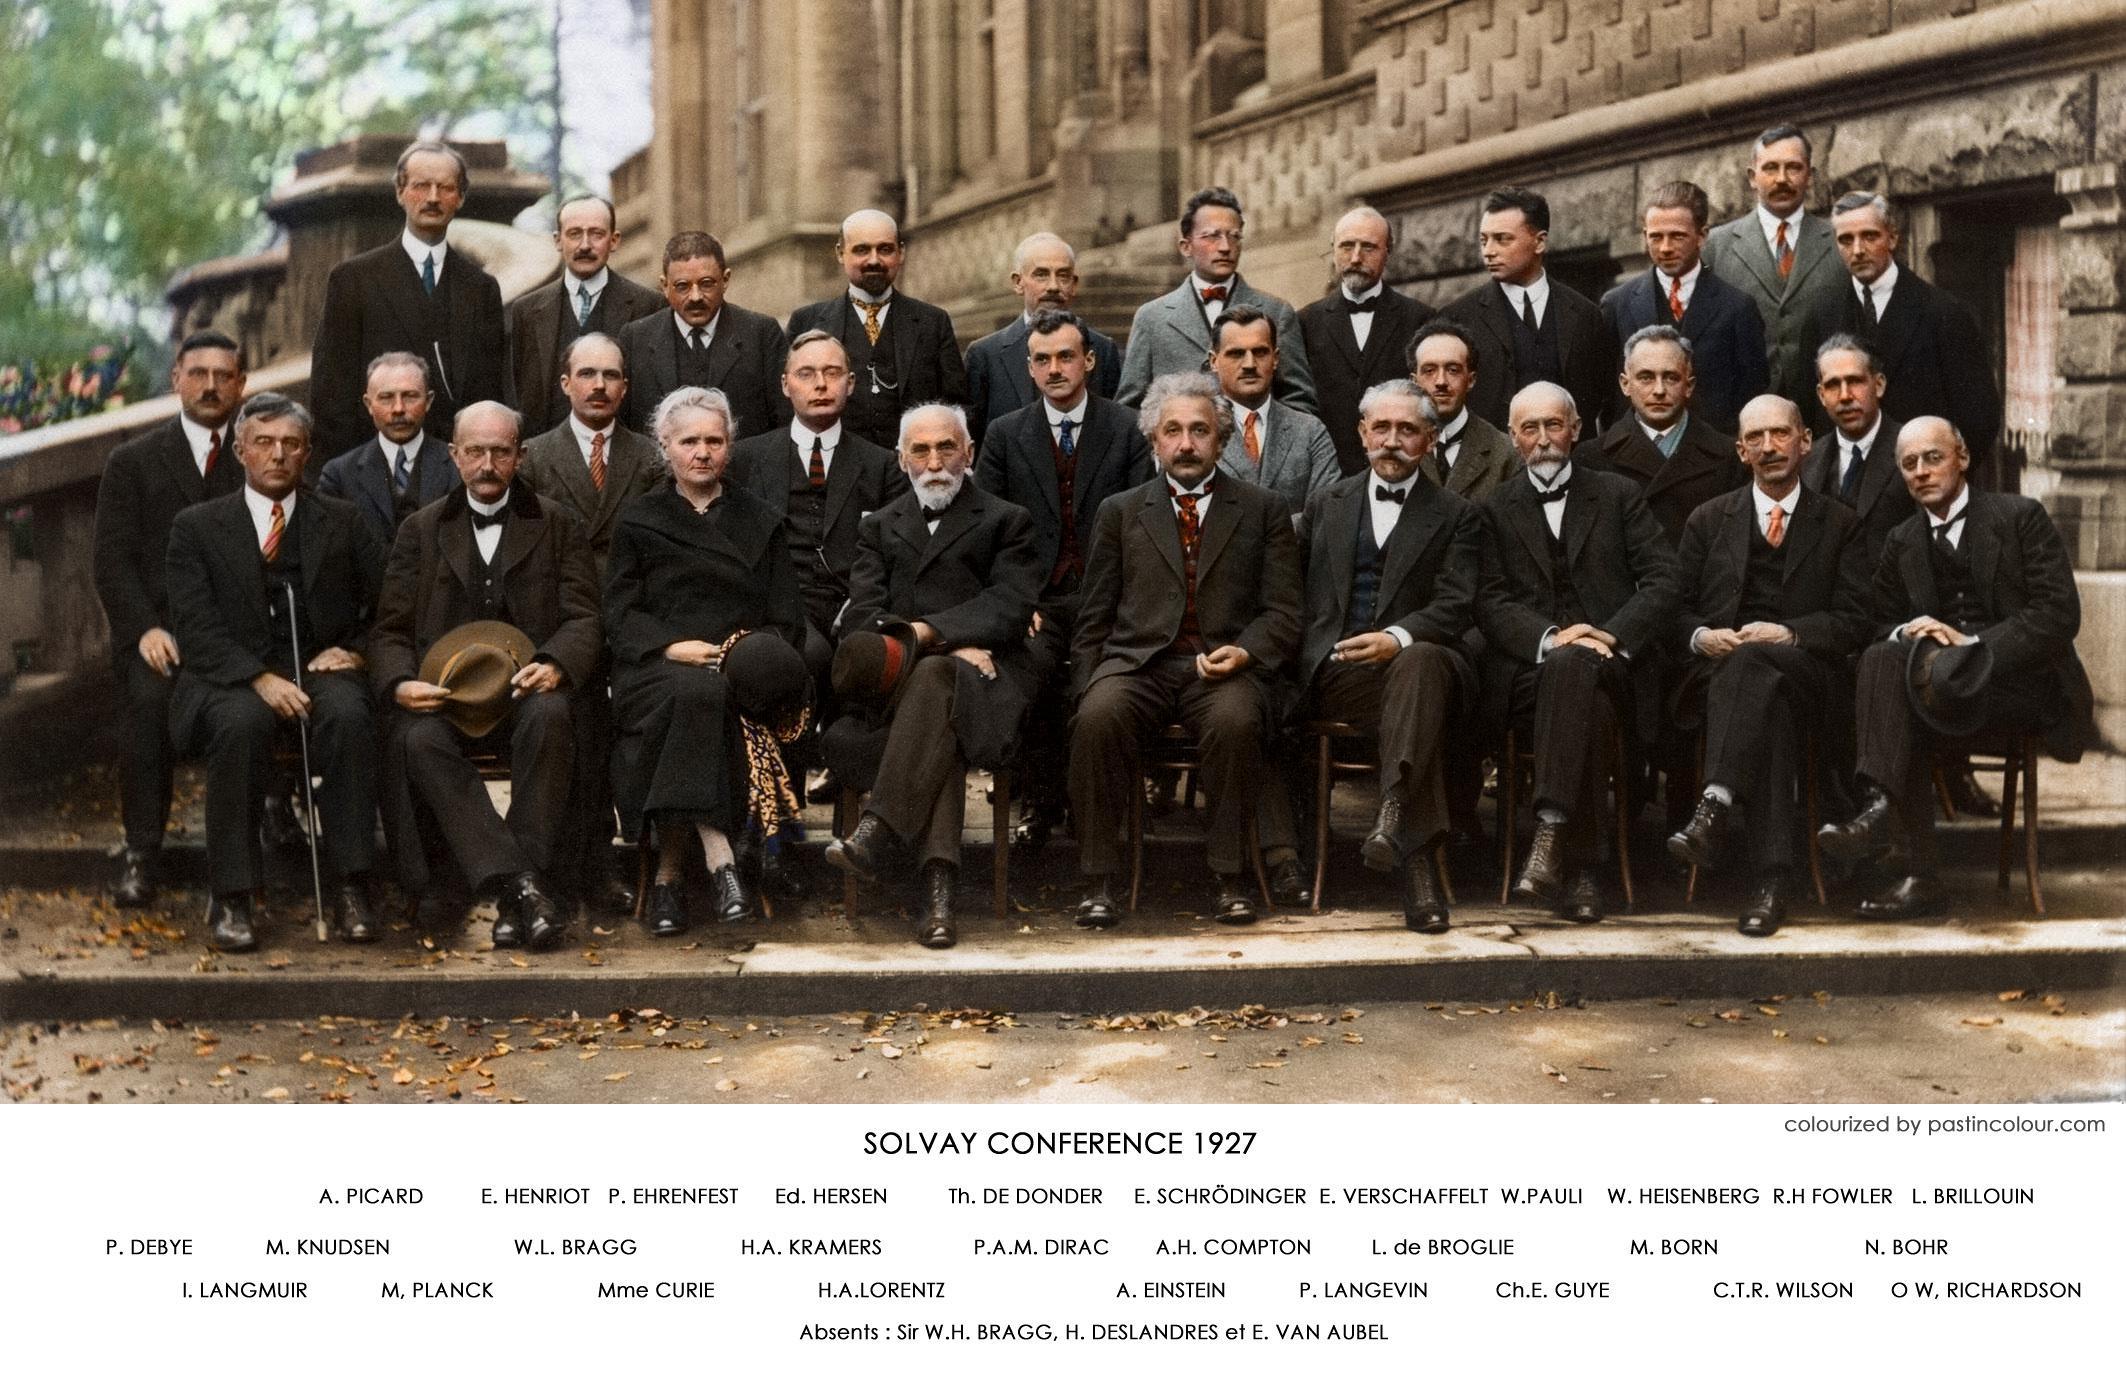 Solvay_conference_1927_crop (1)